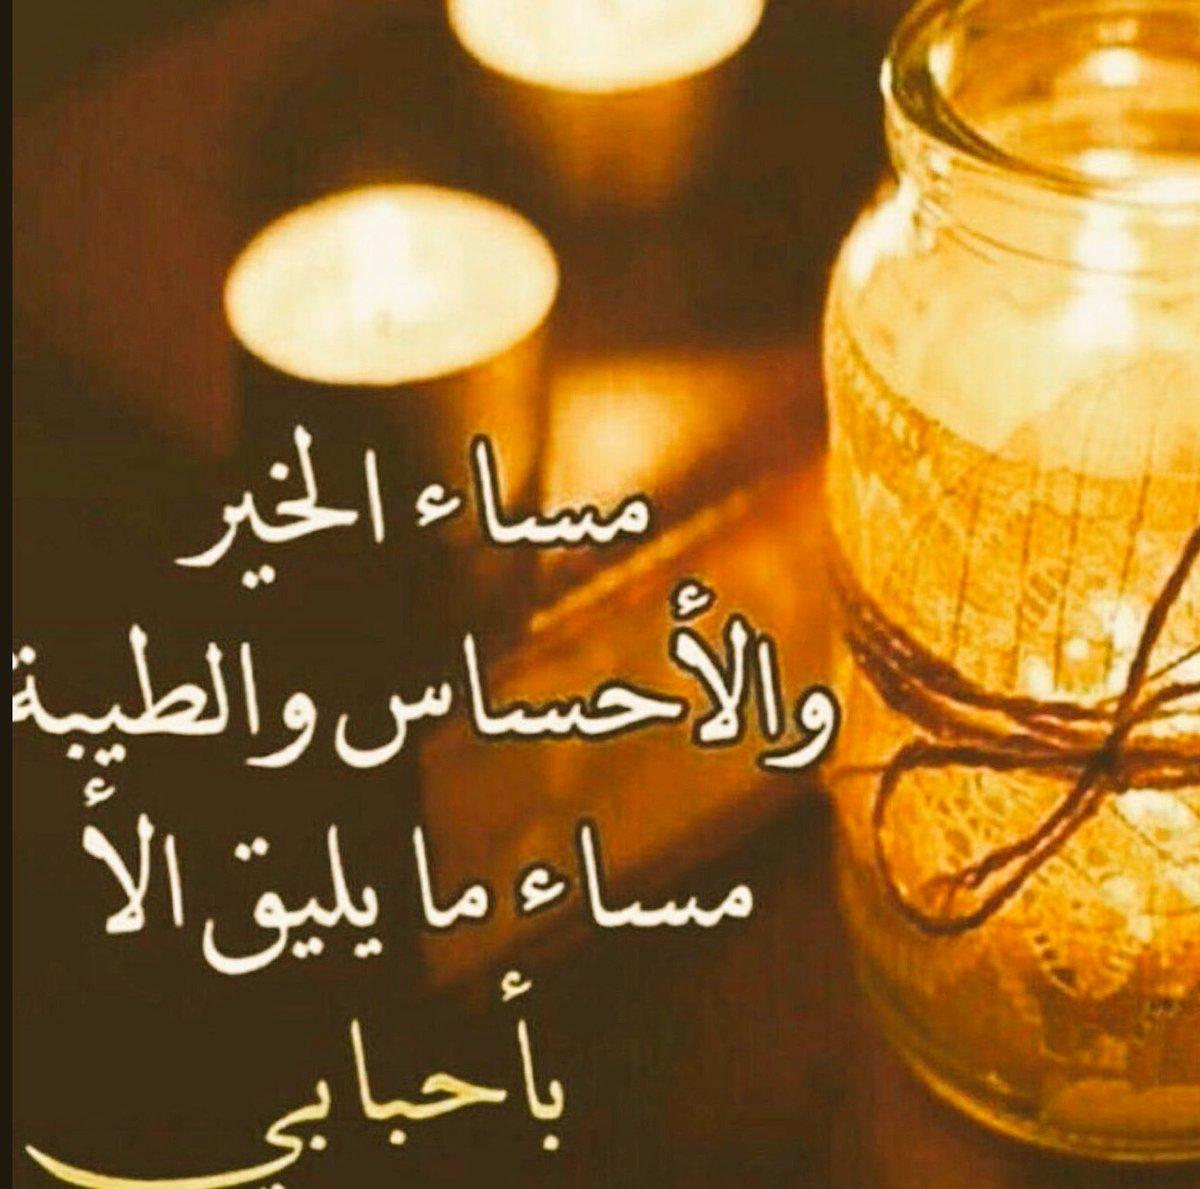 كلمات وعبارات مسائية ستعجبك , مساء الخير شعر رومانسي شاركه مع من تحب